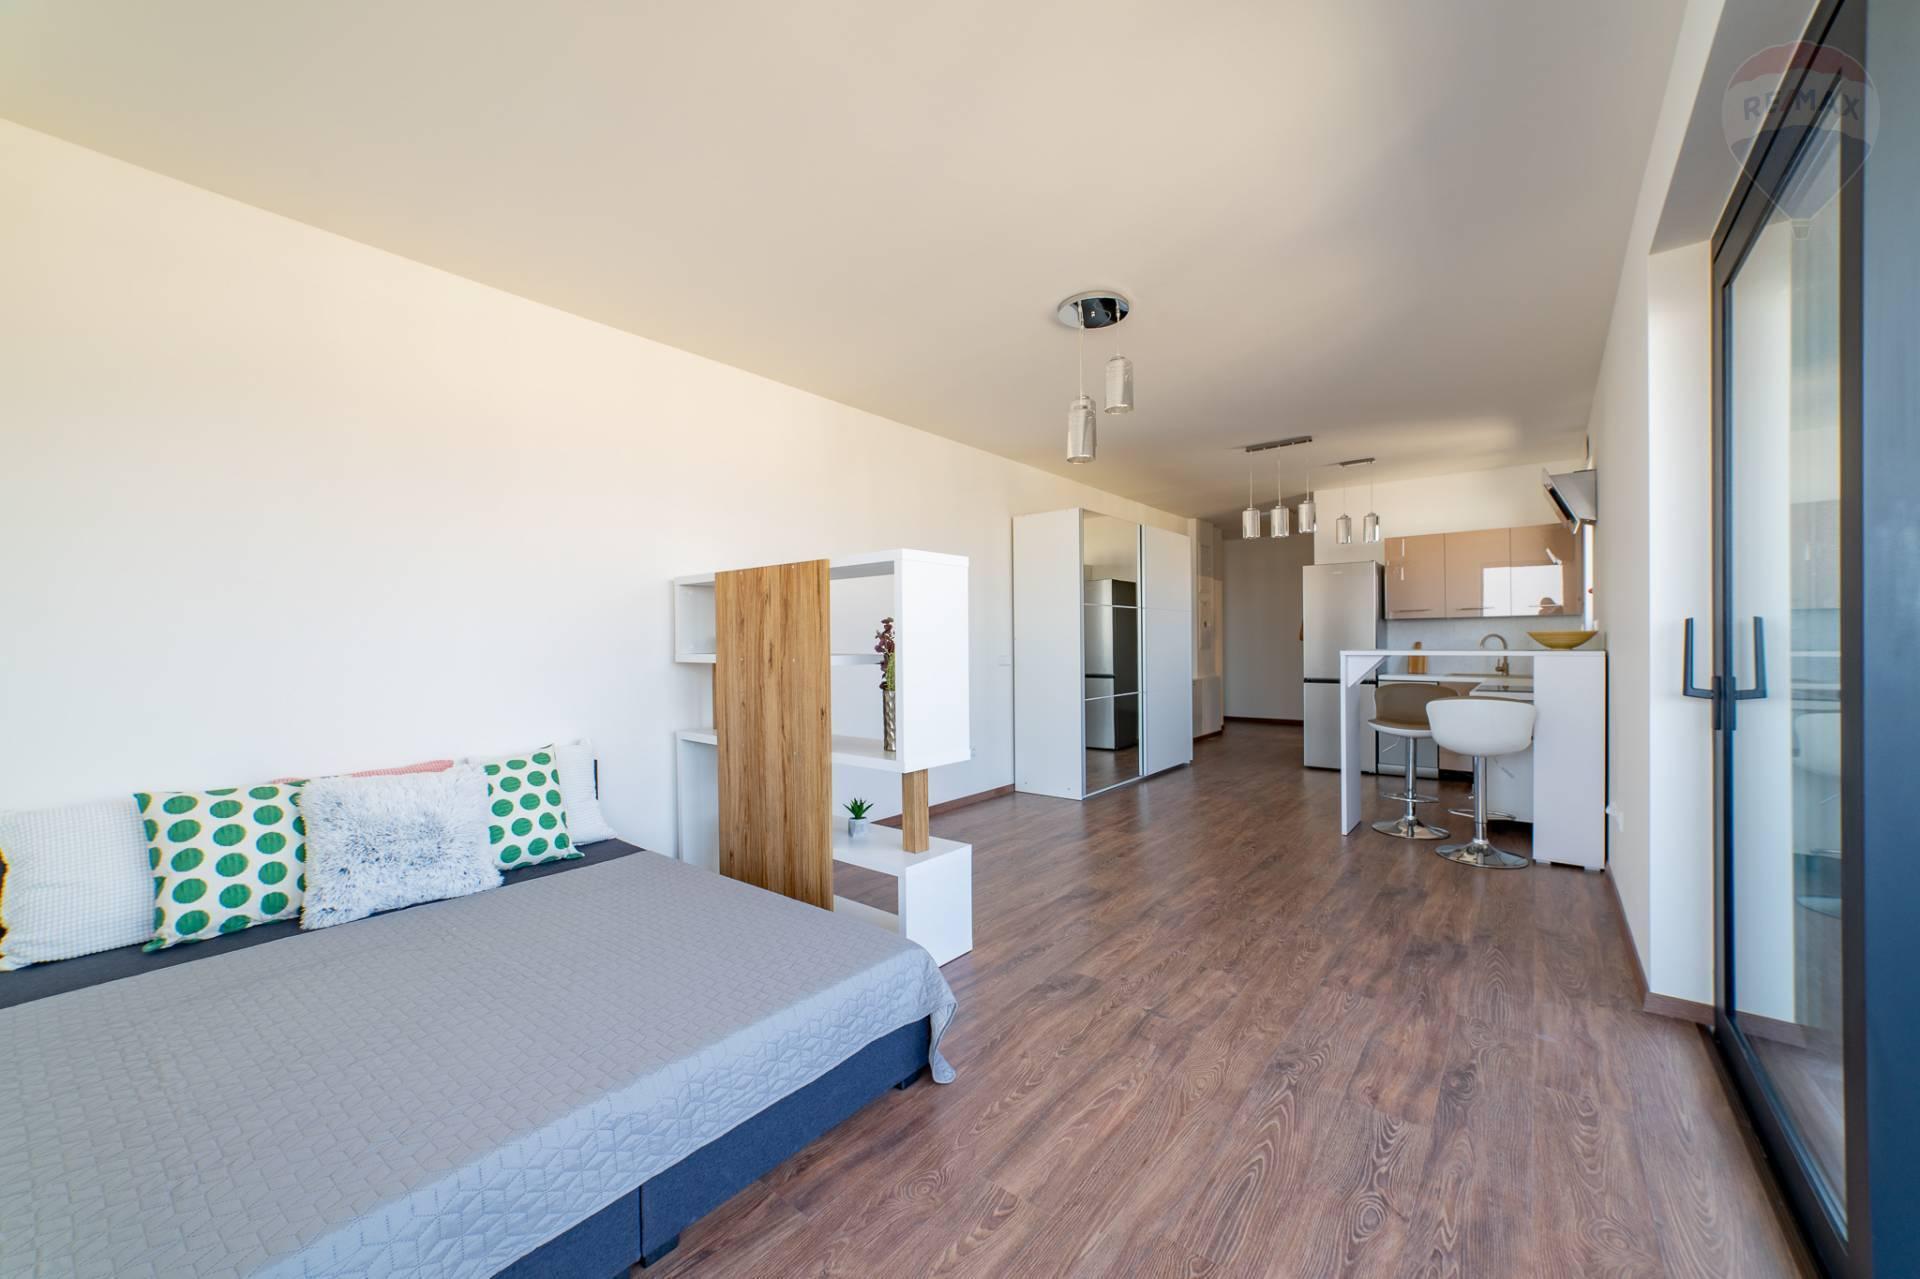 PRENÁJOM >> 1 izbový byt – novostavba TEHELNÉ POLE – Bajkalská Ulica 2c